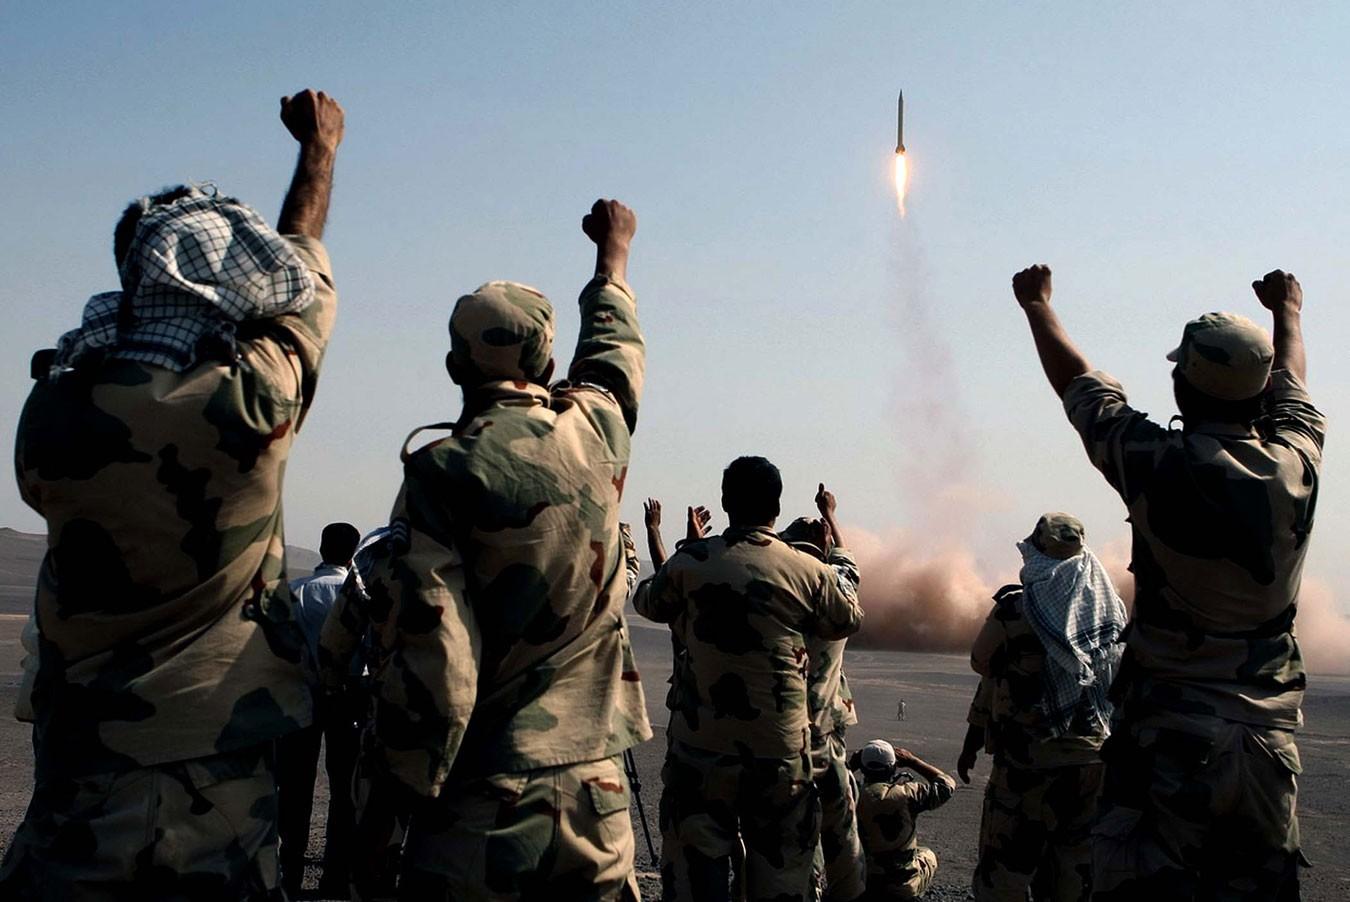 «Презрение ксанкциям»: вИране стартовали военные учения